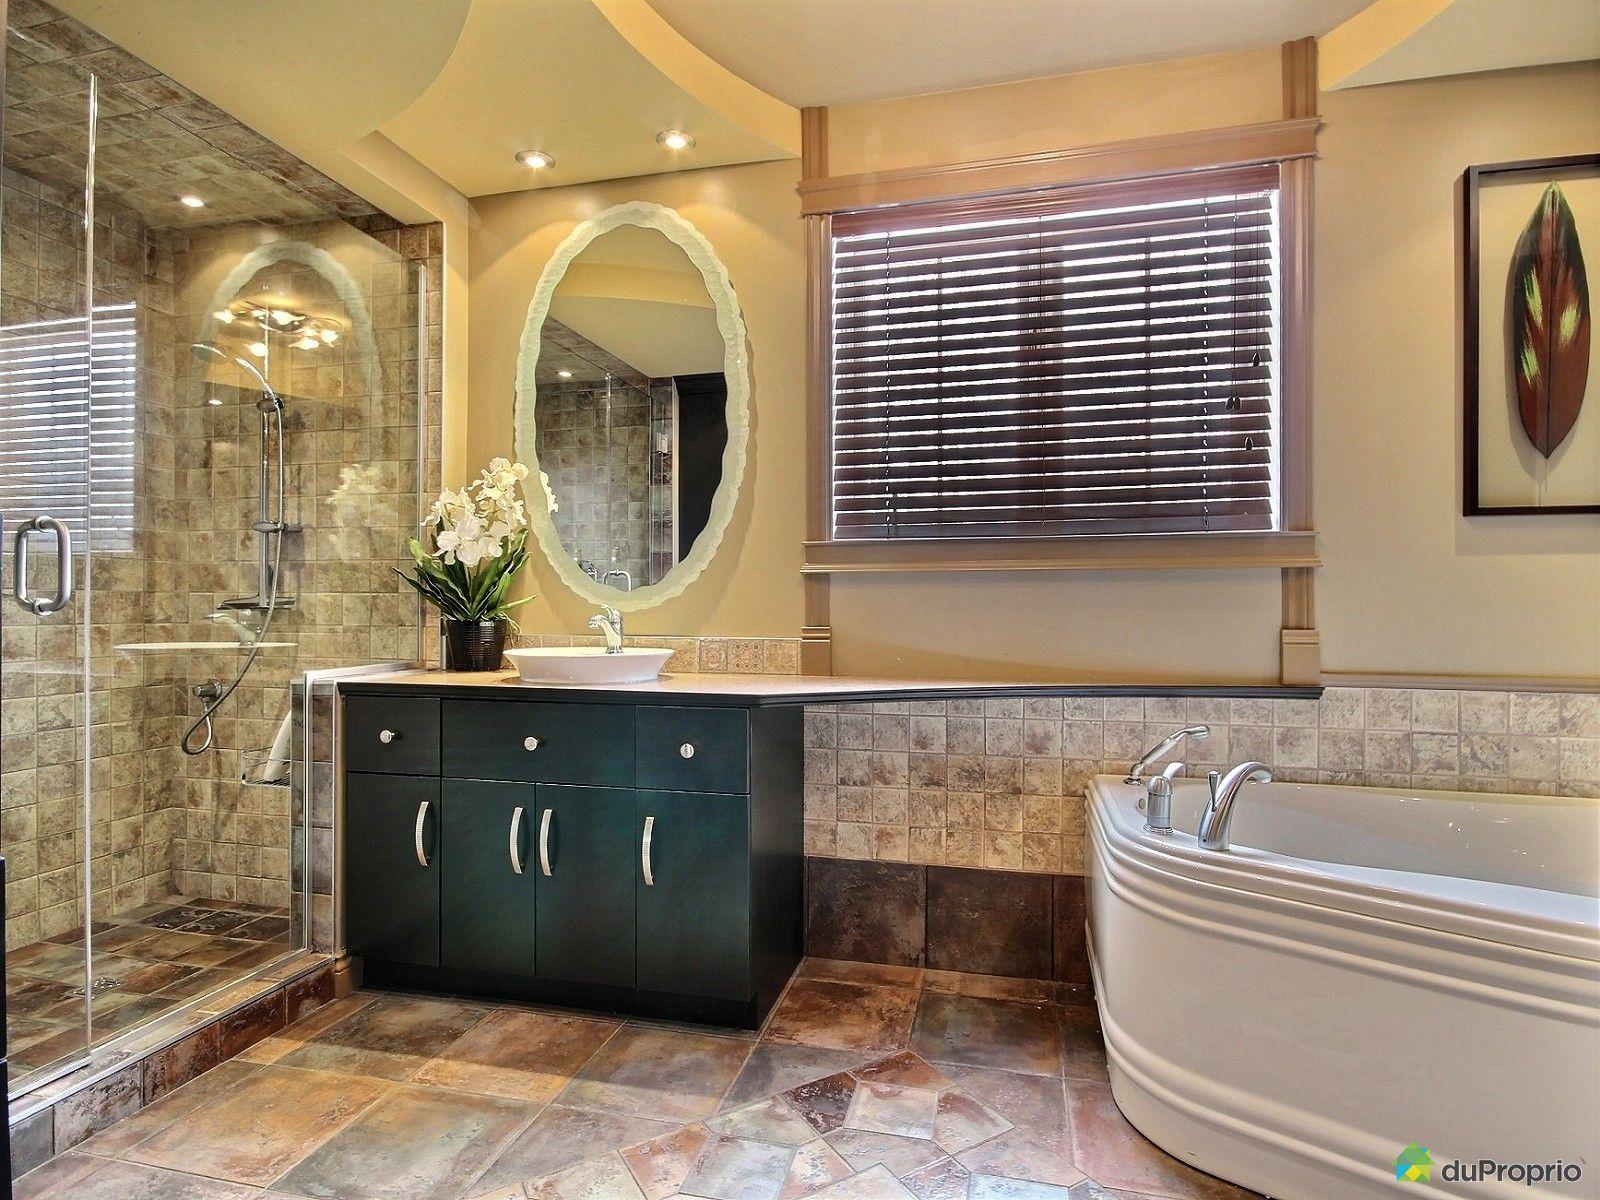 maison vendre ile d 39 orl ans st laurent 685 rue des sorciers immobilier qu bec duproprio. Black Bedroom Furniture Sets. Home Design Ideas